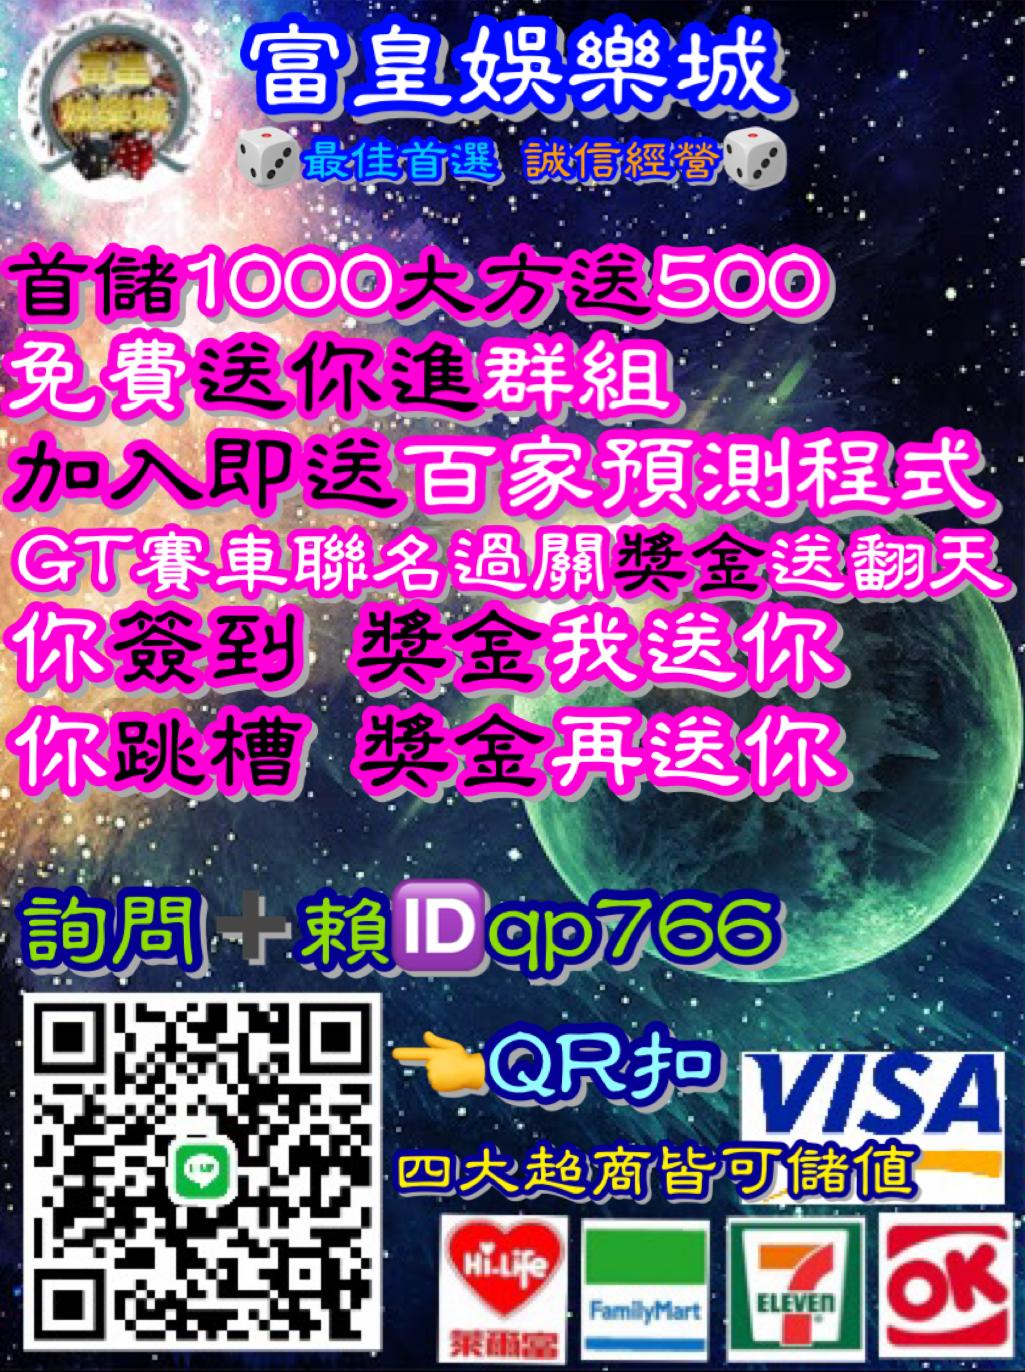 超級推薦 富皇娛樂城 老字號 大平台